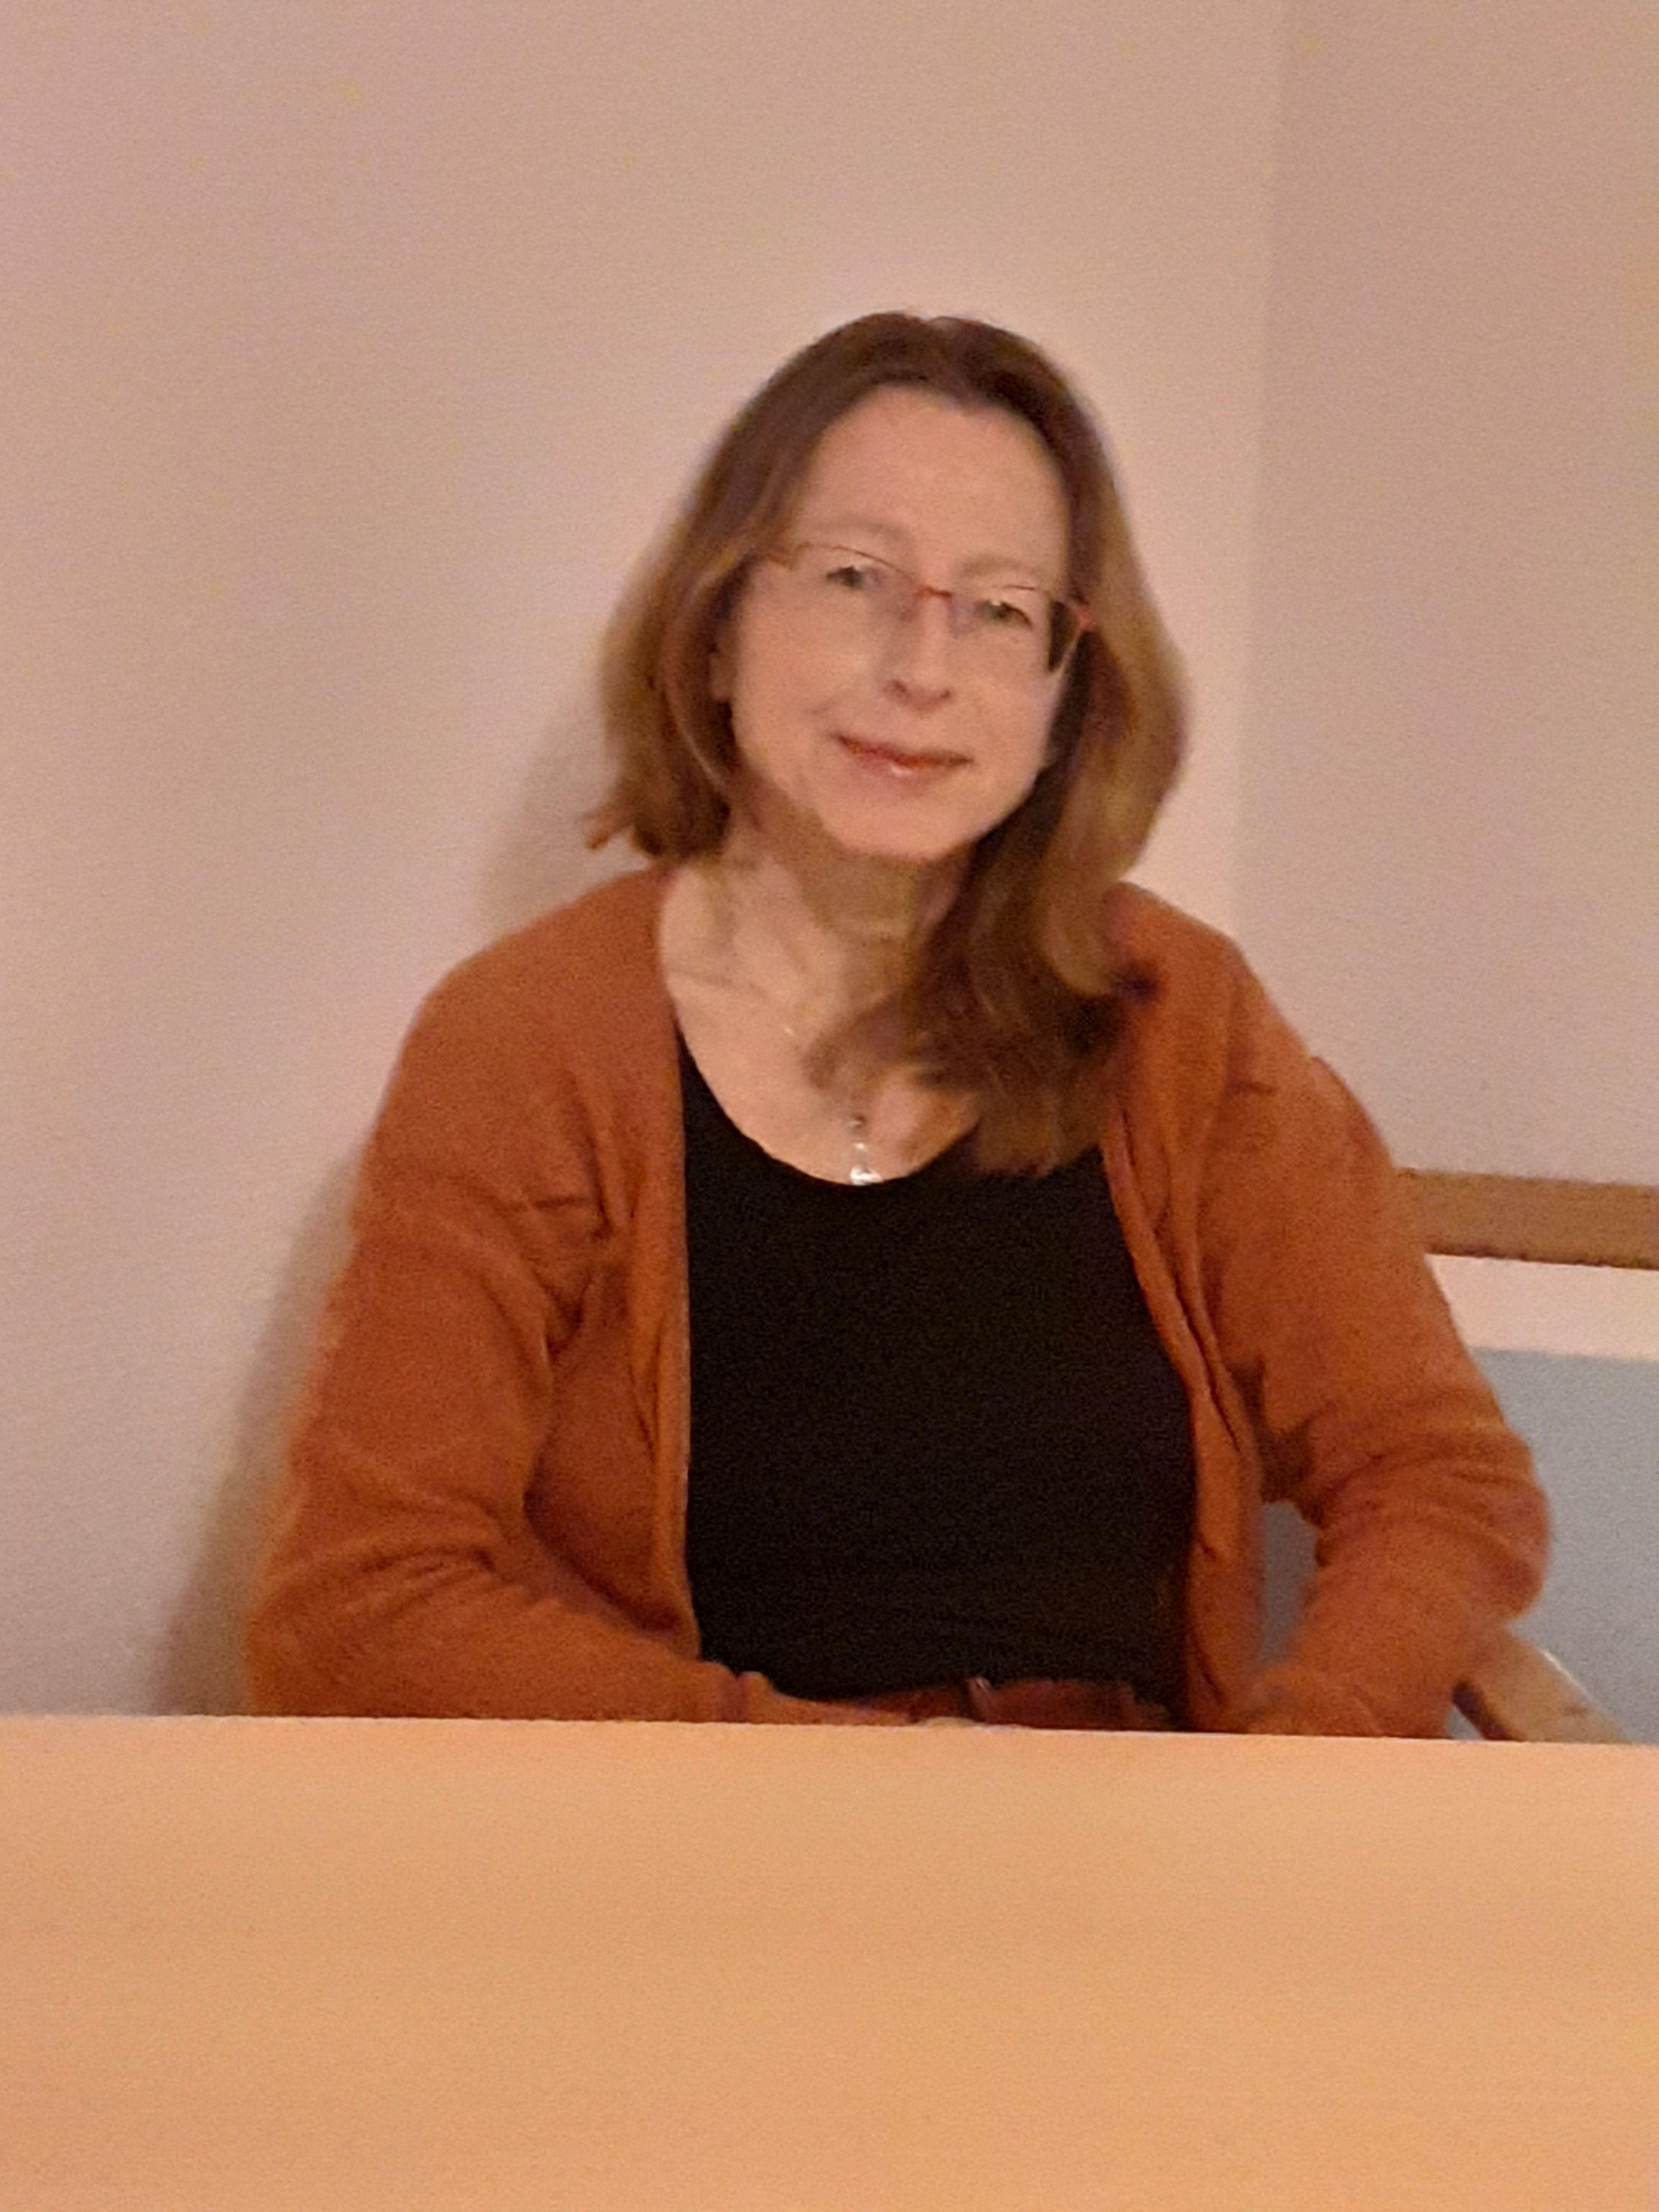 image du professeur de yoga YOGA